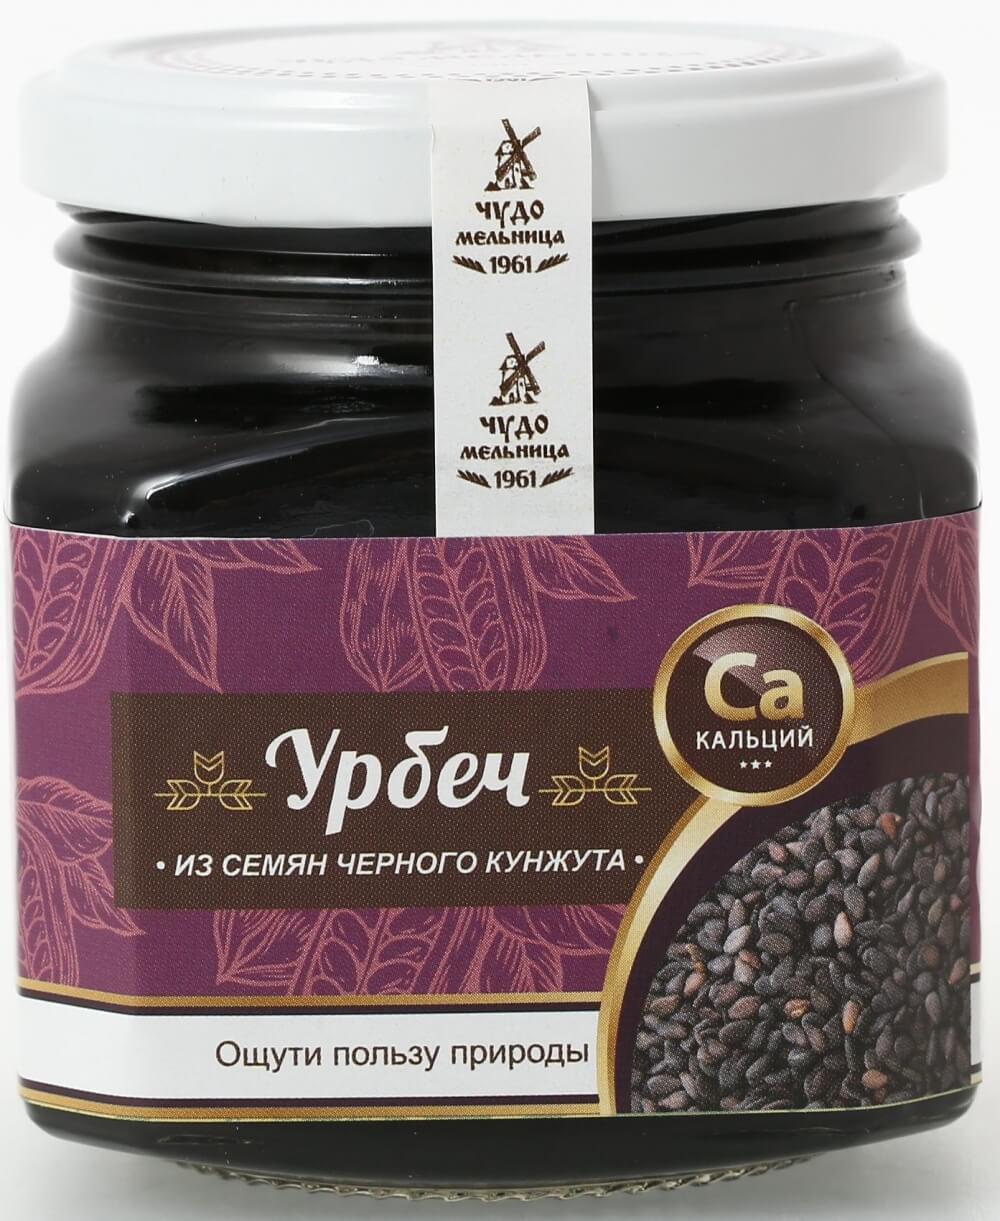 Урбеч из семян черного кунжута